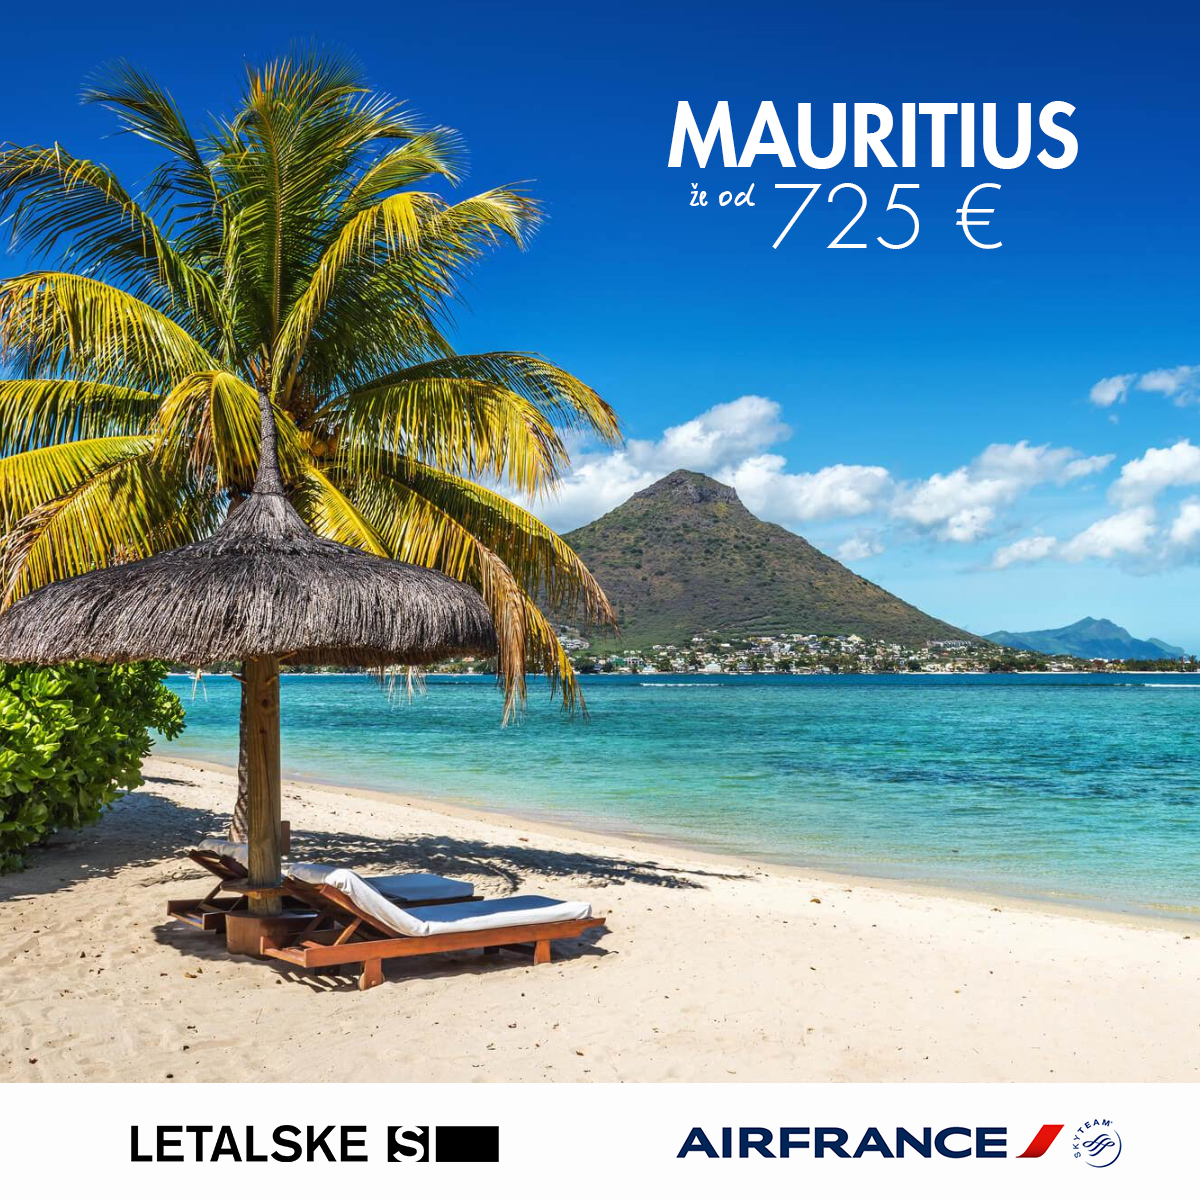 Mauritius vizual, Mauritius već od   kuna, Mauritius jeftine avio karte, putovanje za Mauritius